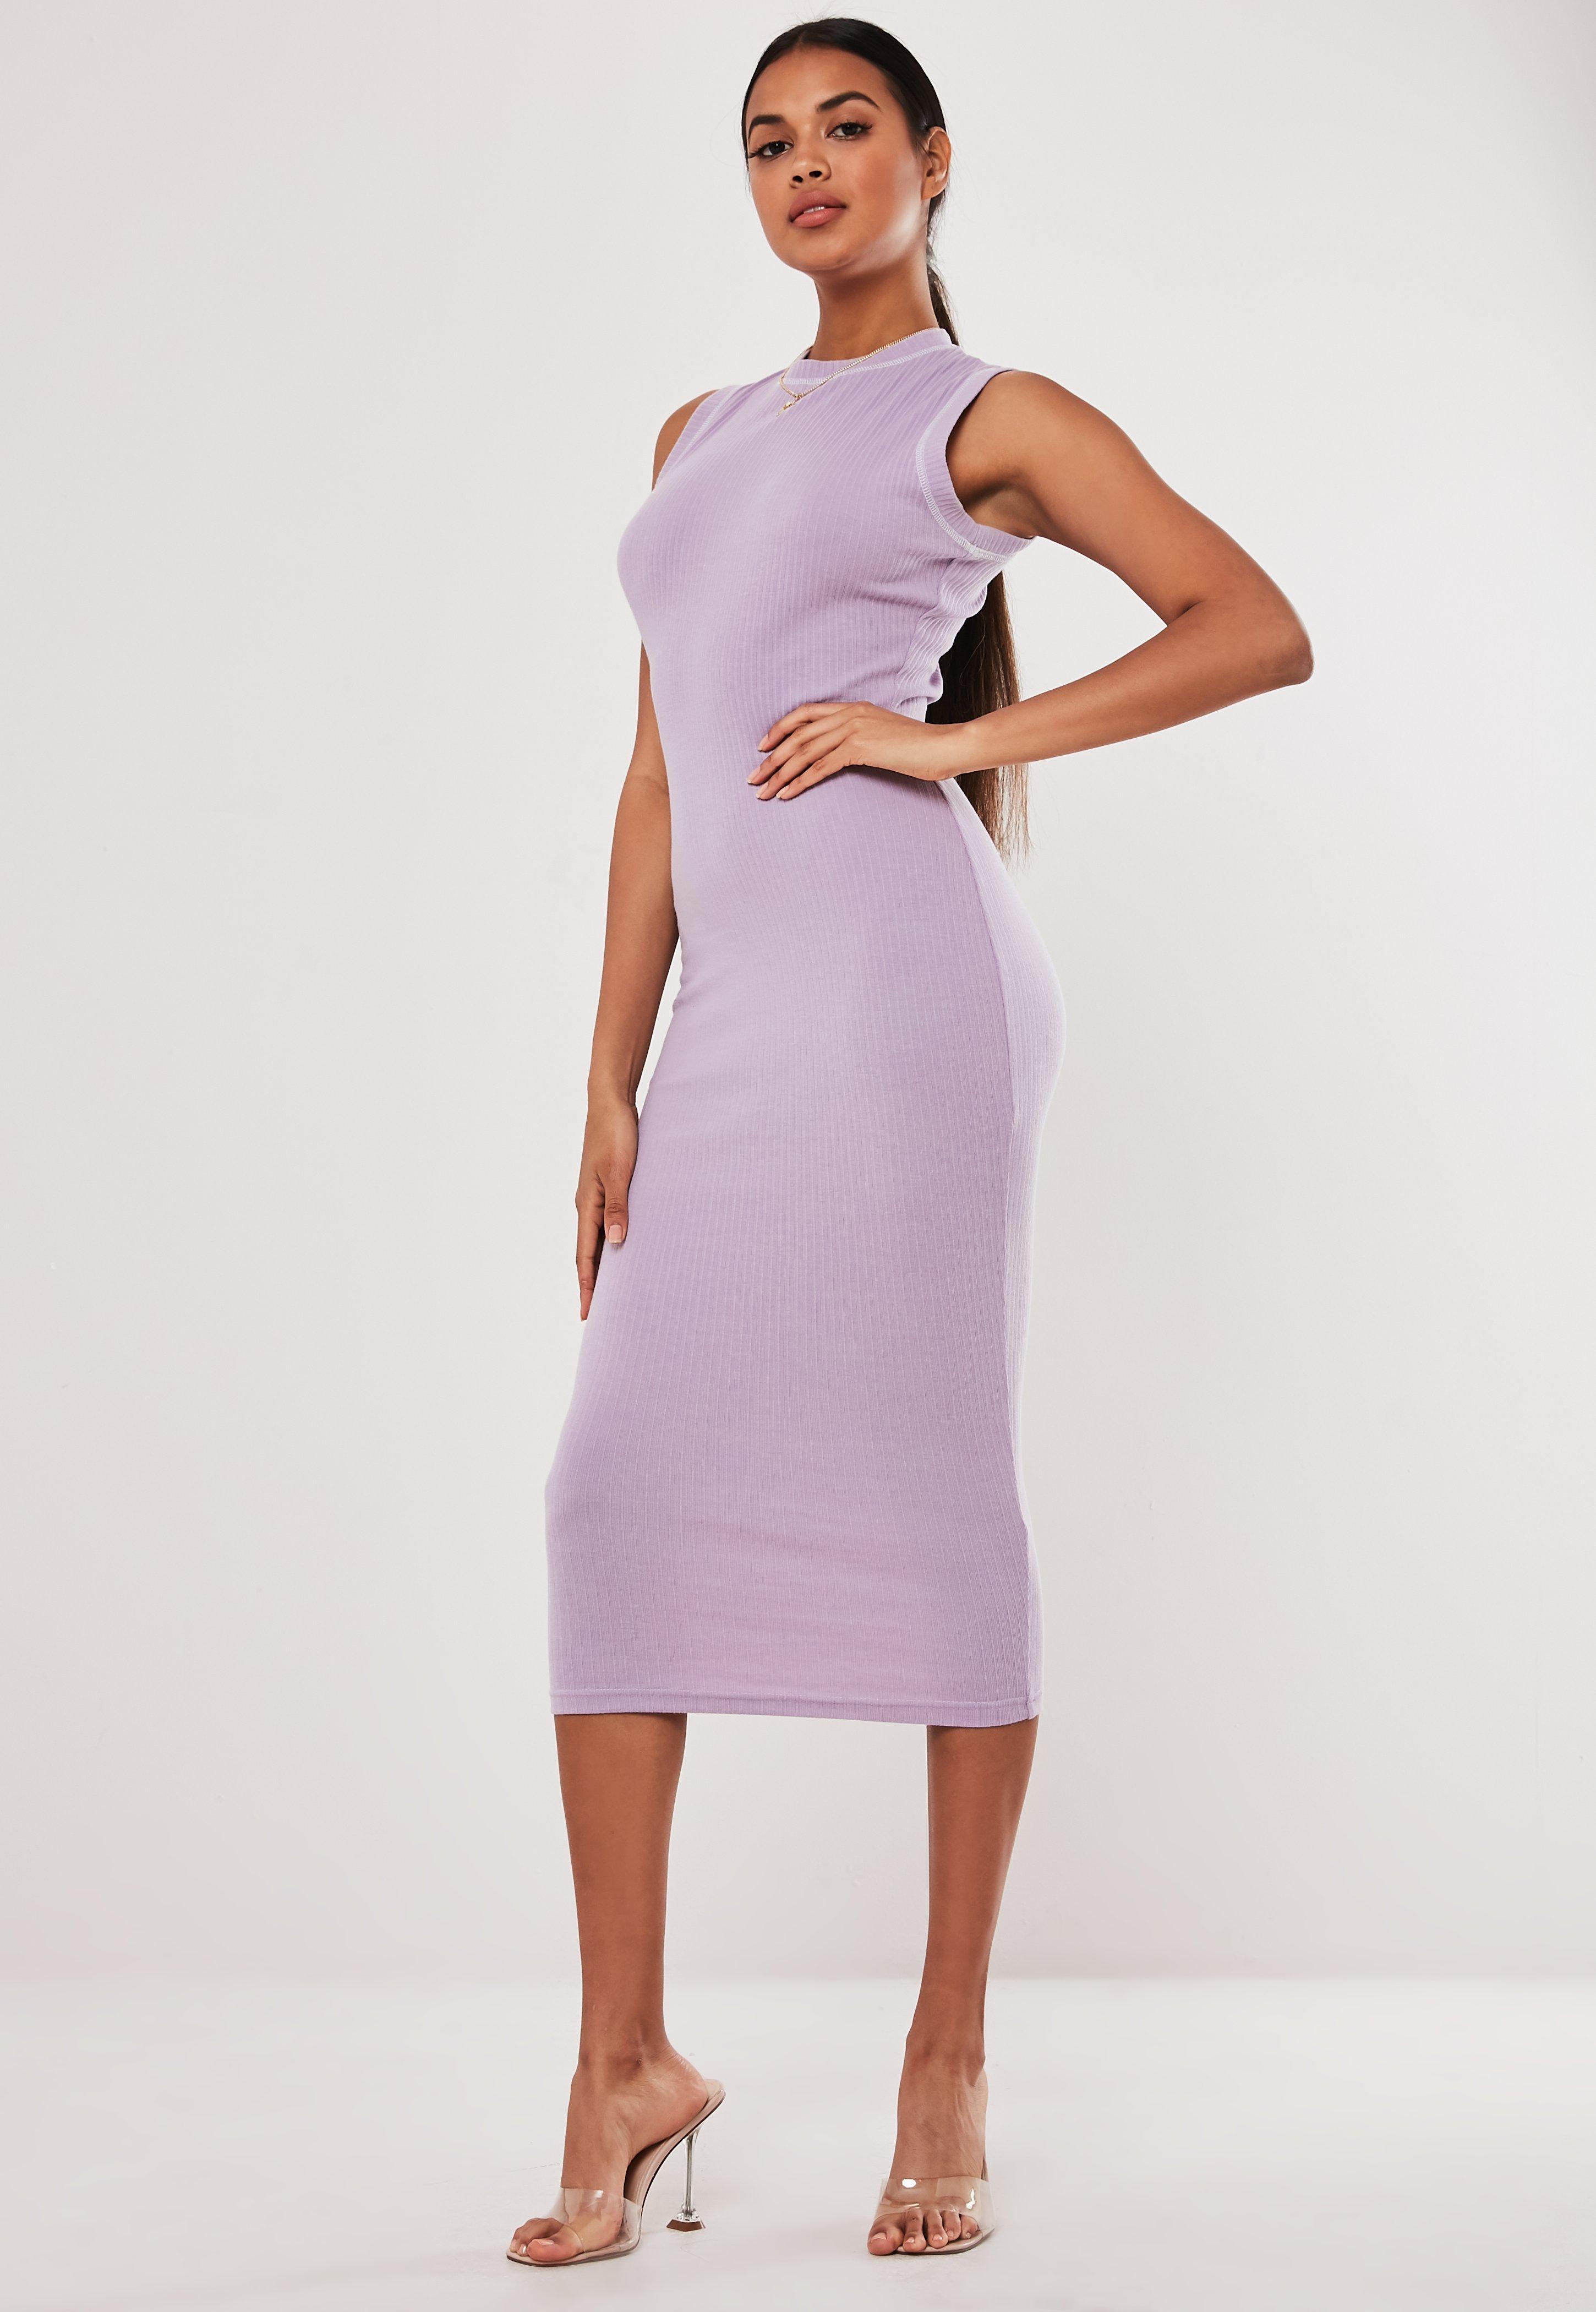 daeece0853d Purple Dresses | Mauve & Lilac Dresses - Missguided